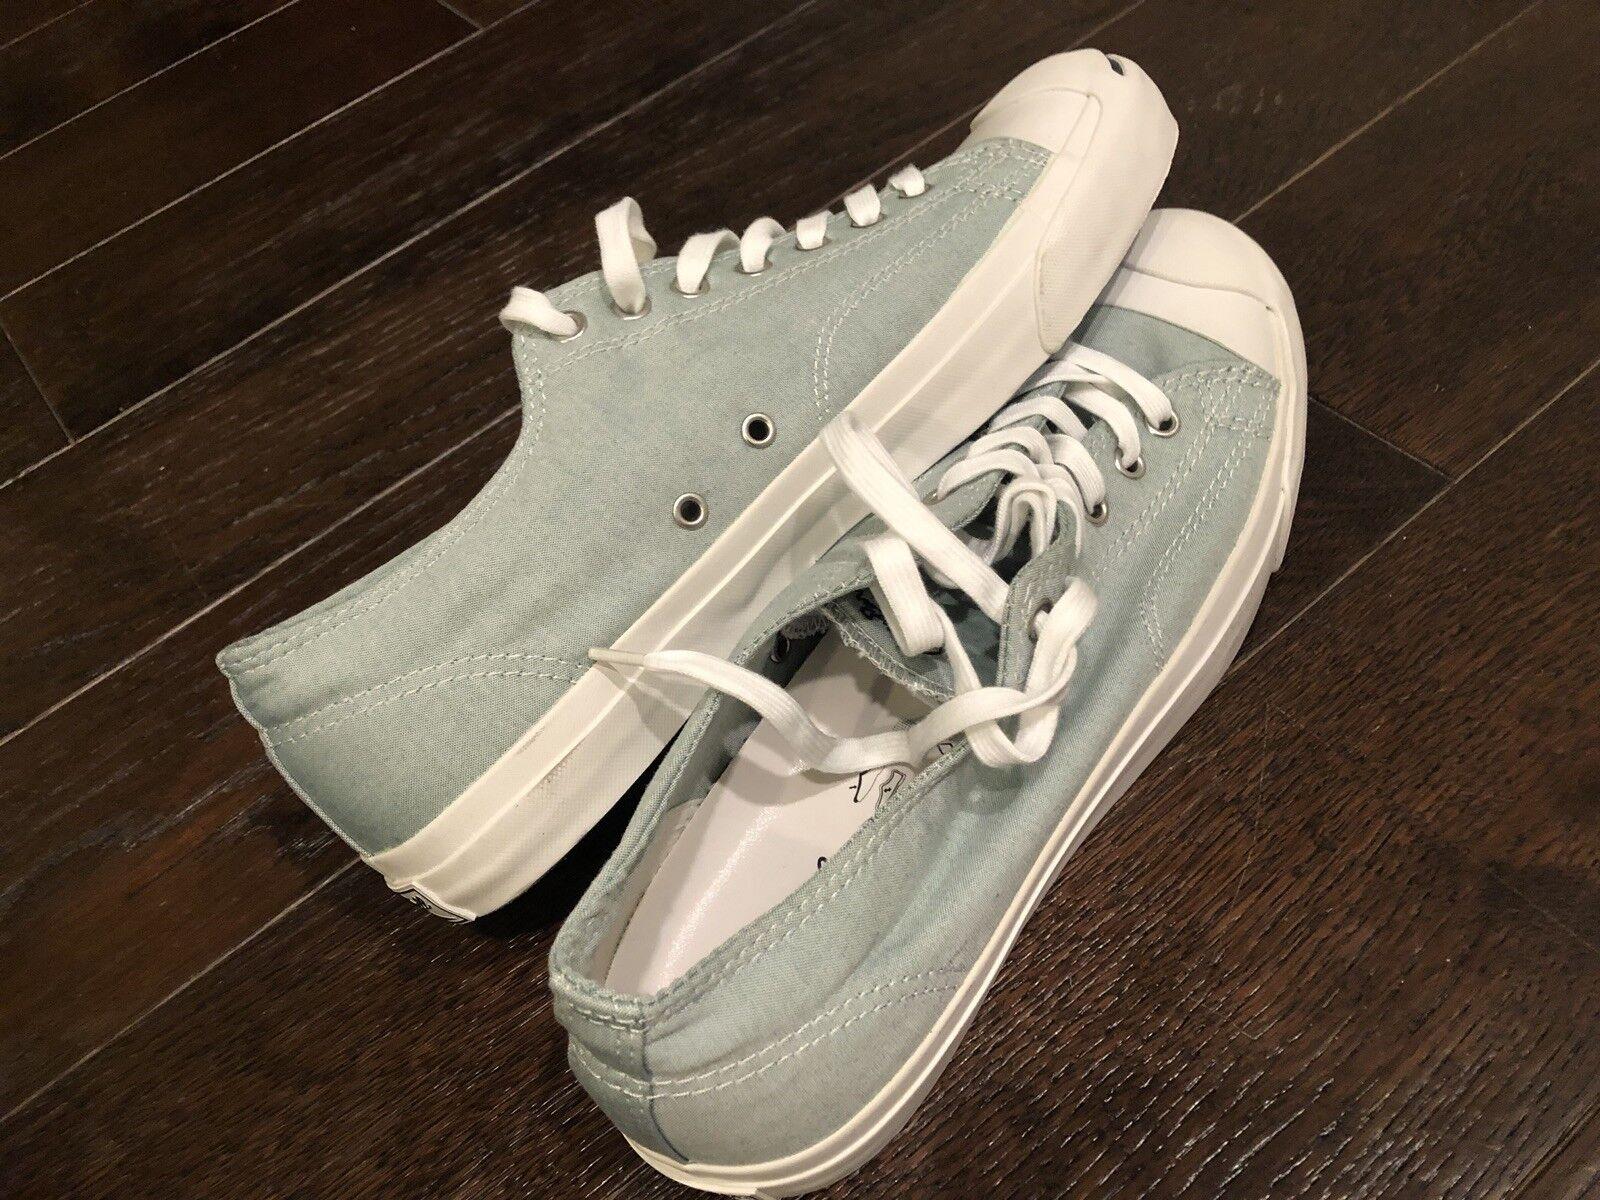 Conversione Jack Purcell scarpe da ginnastica Sz 11.5  Nuovo con Box Classic 74 Mint Julep LTD OX  Sconto del 40%